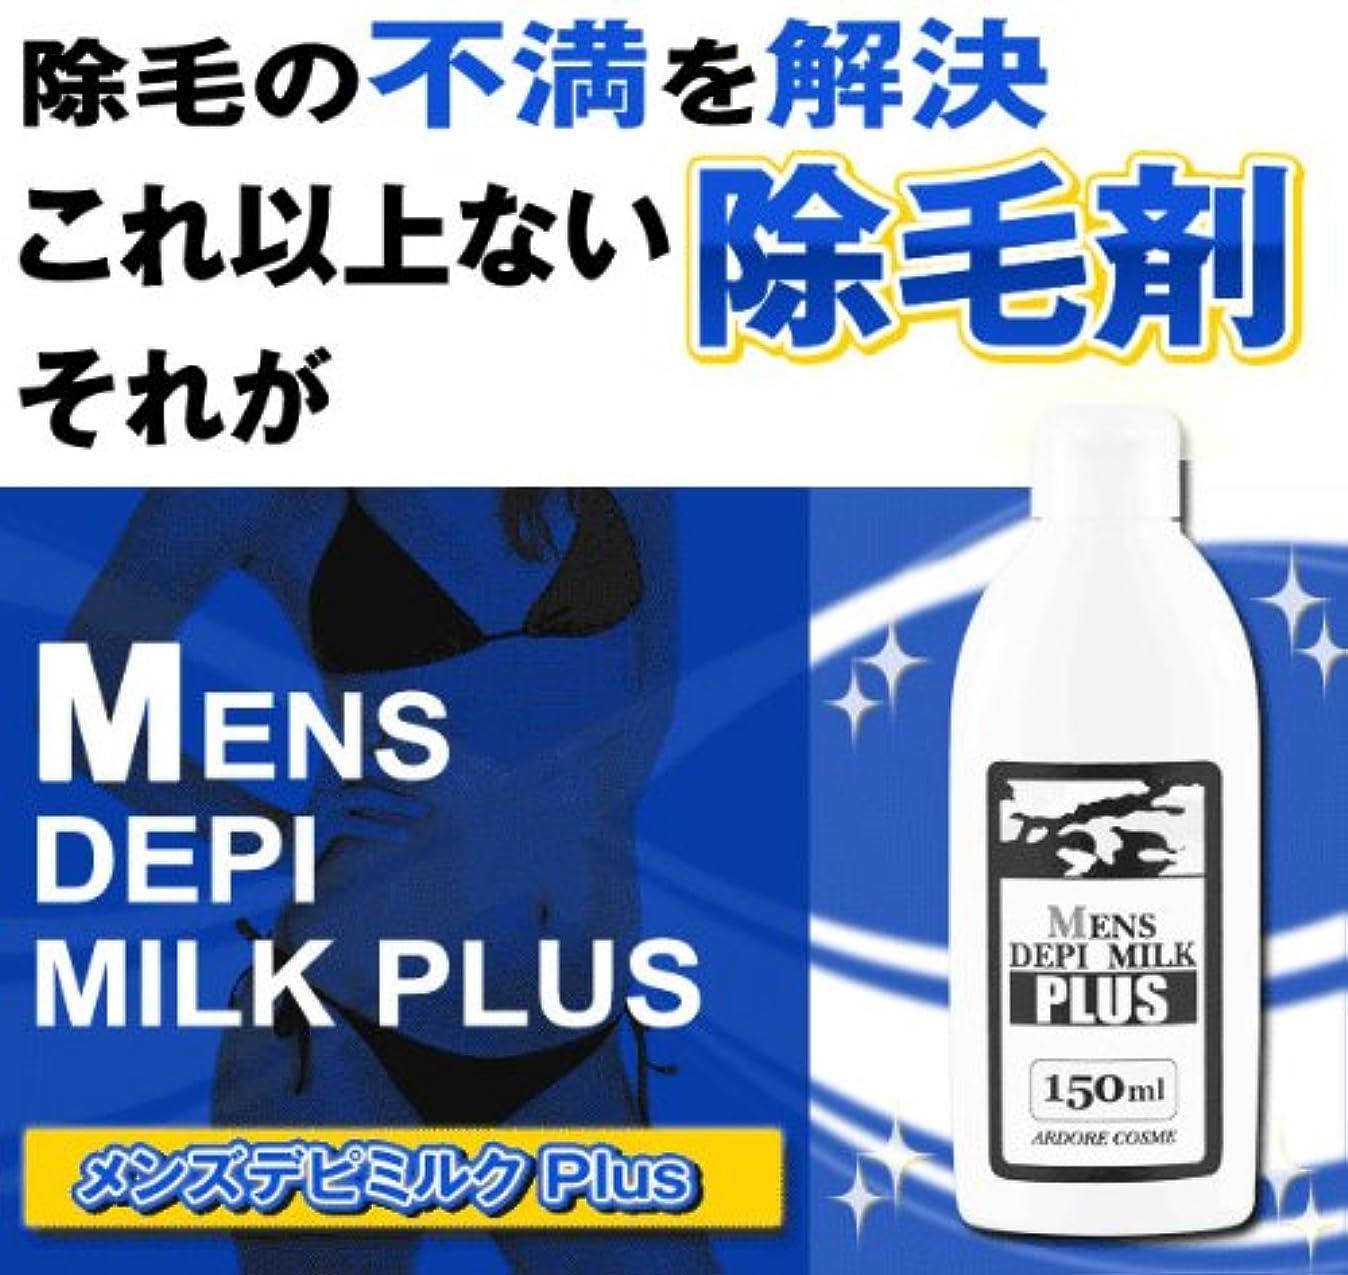 男らしさバイパス熟達した薬用メンズデピミルクプラス 150ml(薬用除毛クリーム)医薬部外品